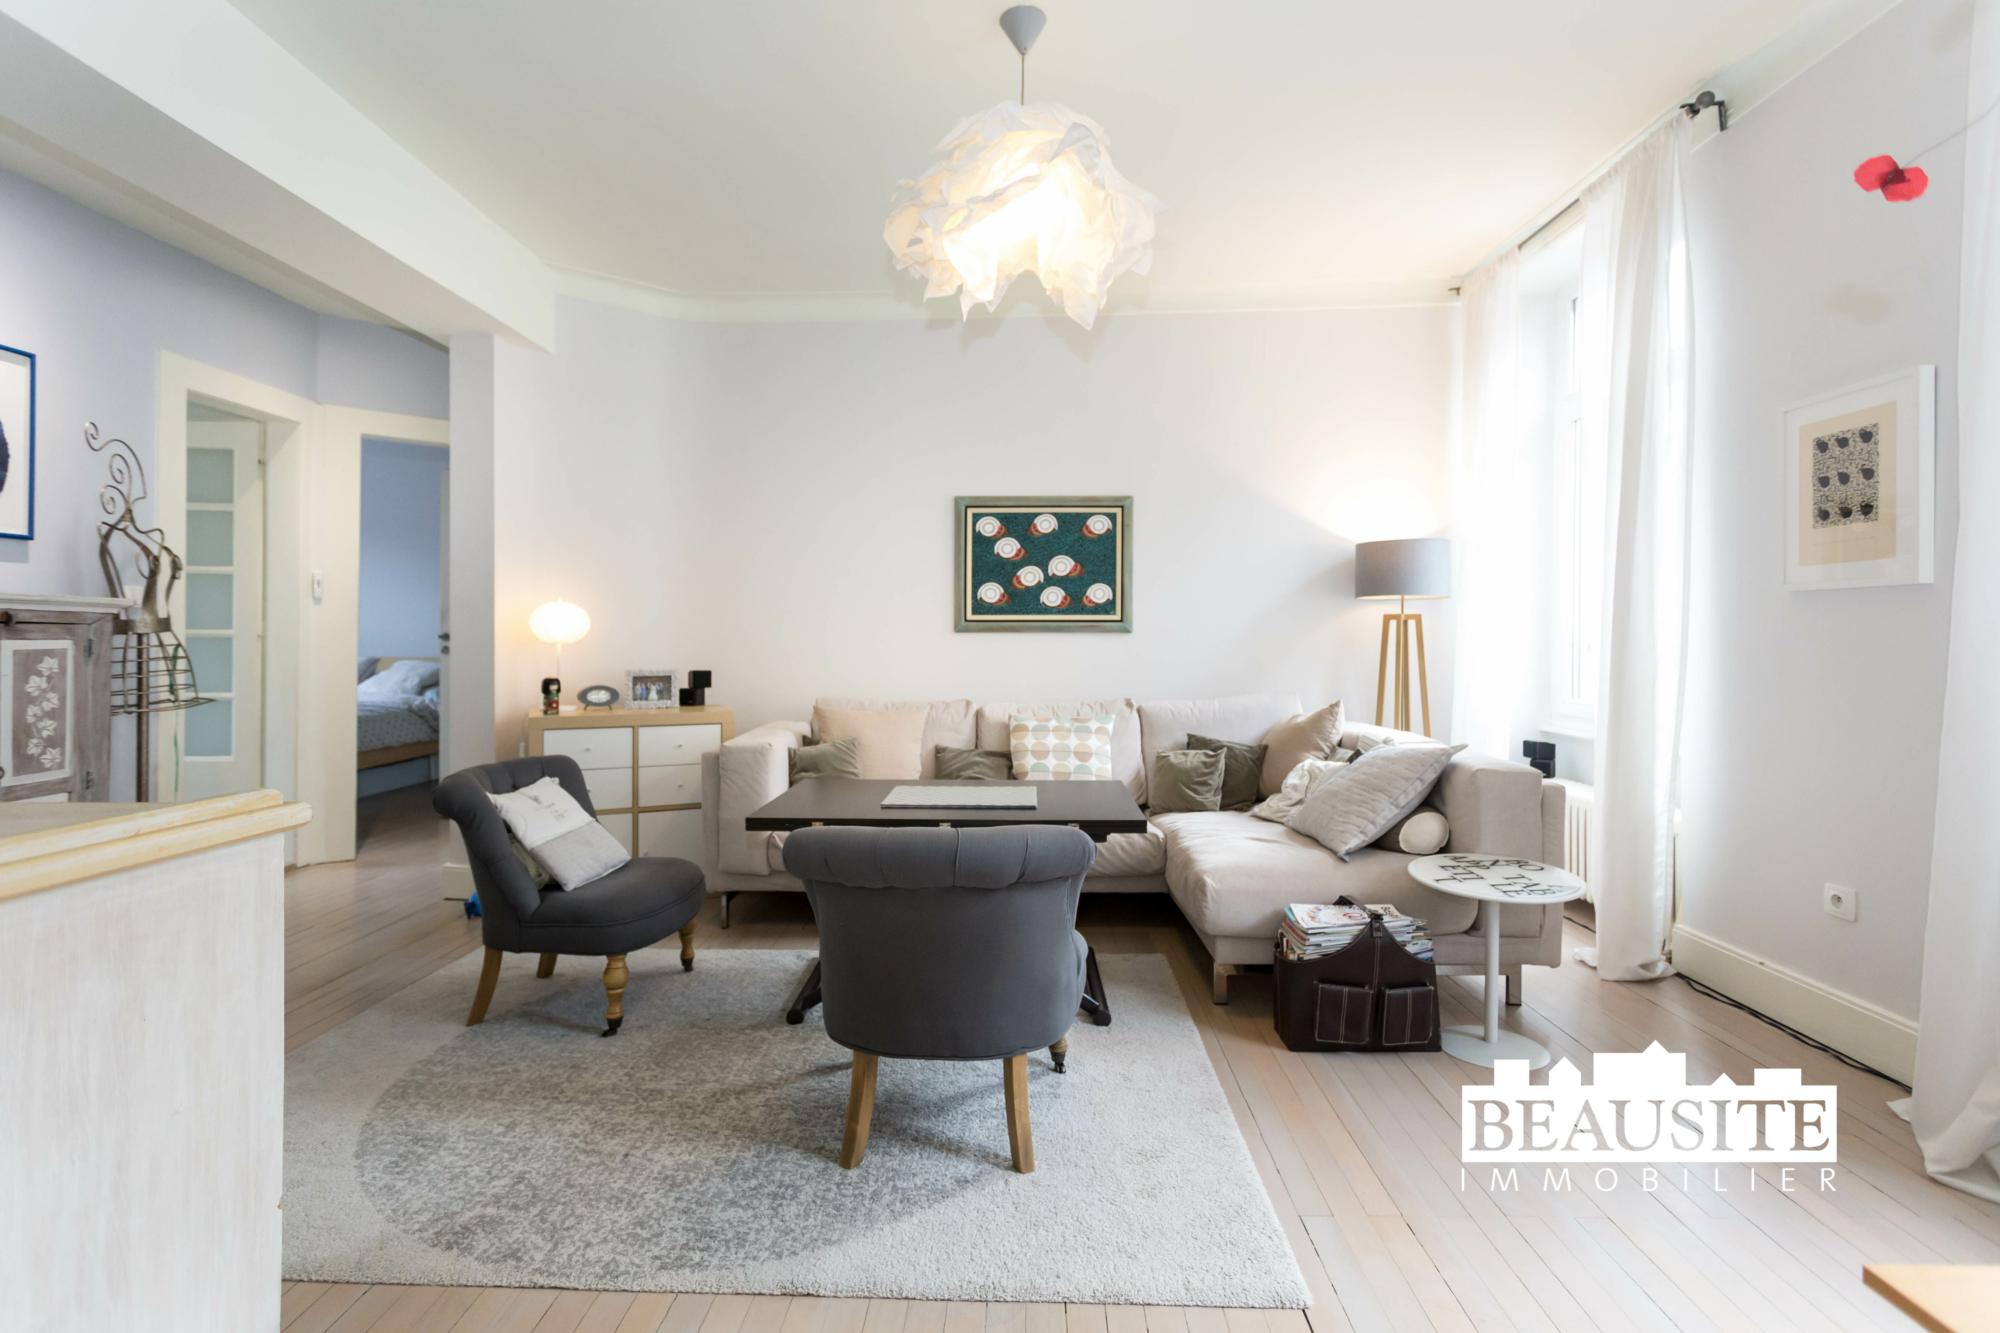 [La bulle] Un appartement cosy au cœur de Strasbourg - Halles / rue du Marché - nos ventes - Beausite Immobilier 2